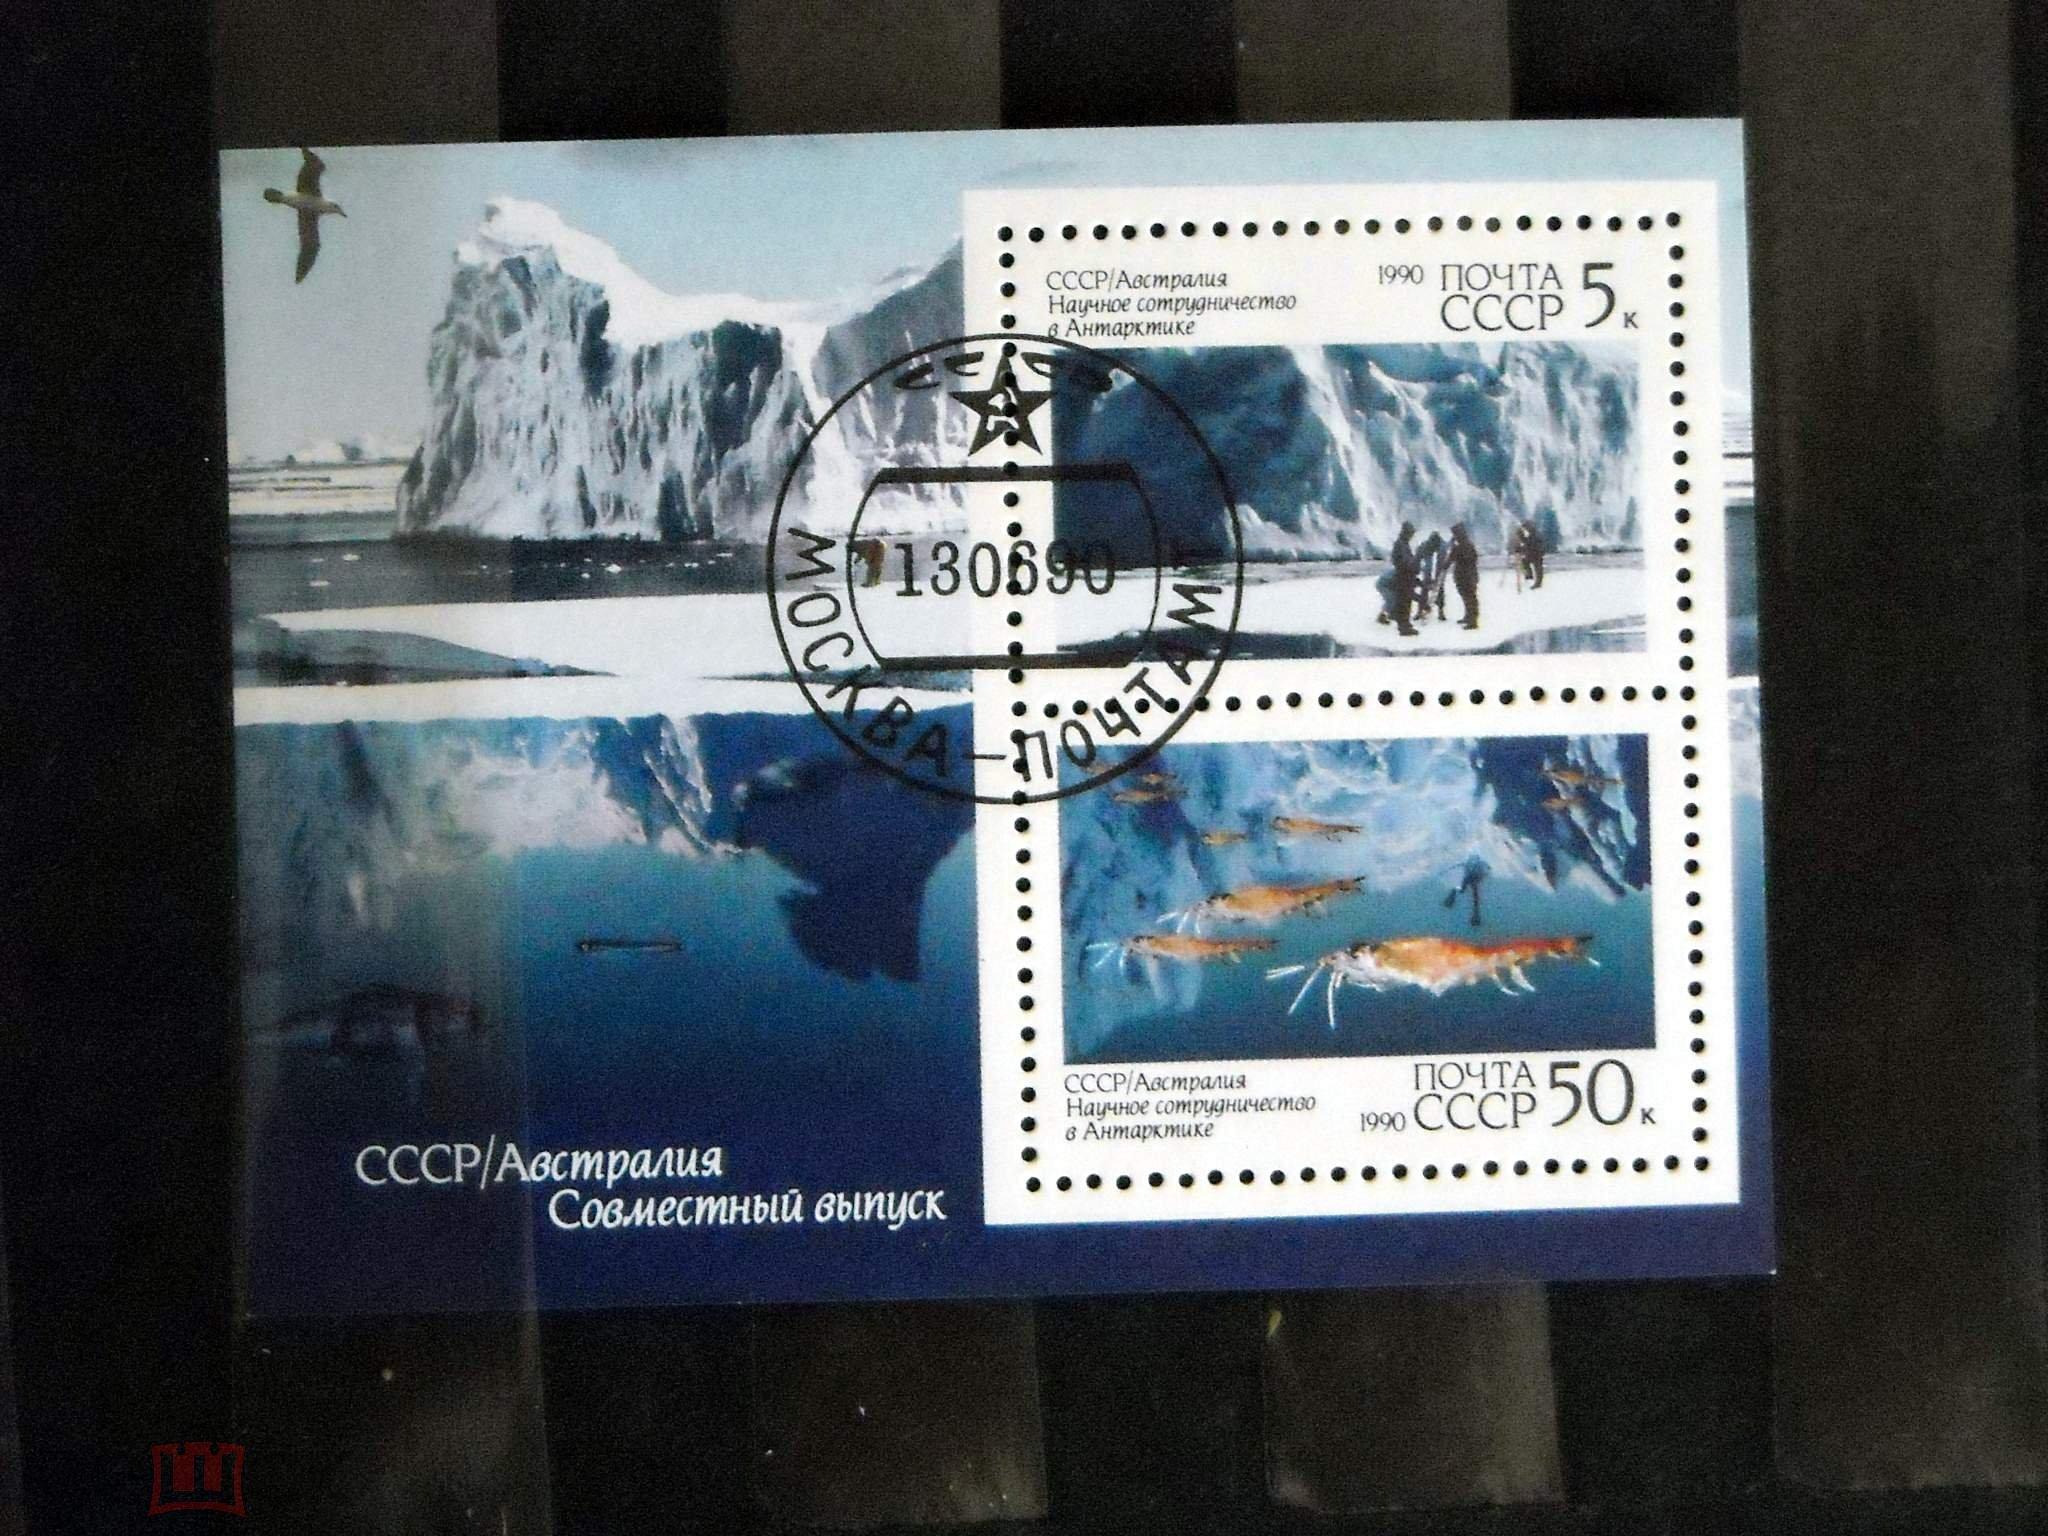 СССР 1990 (Сол-6217) Научное сотрудничество с Австралией в Антарктиде гаш